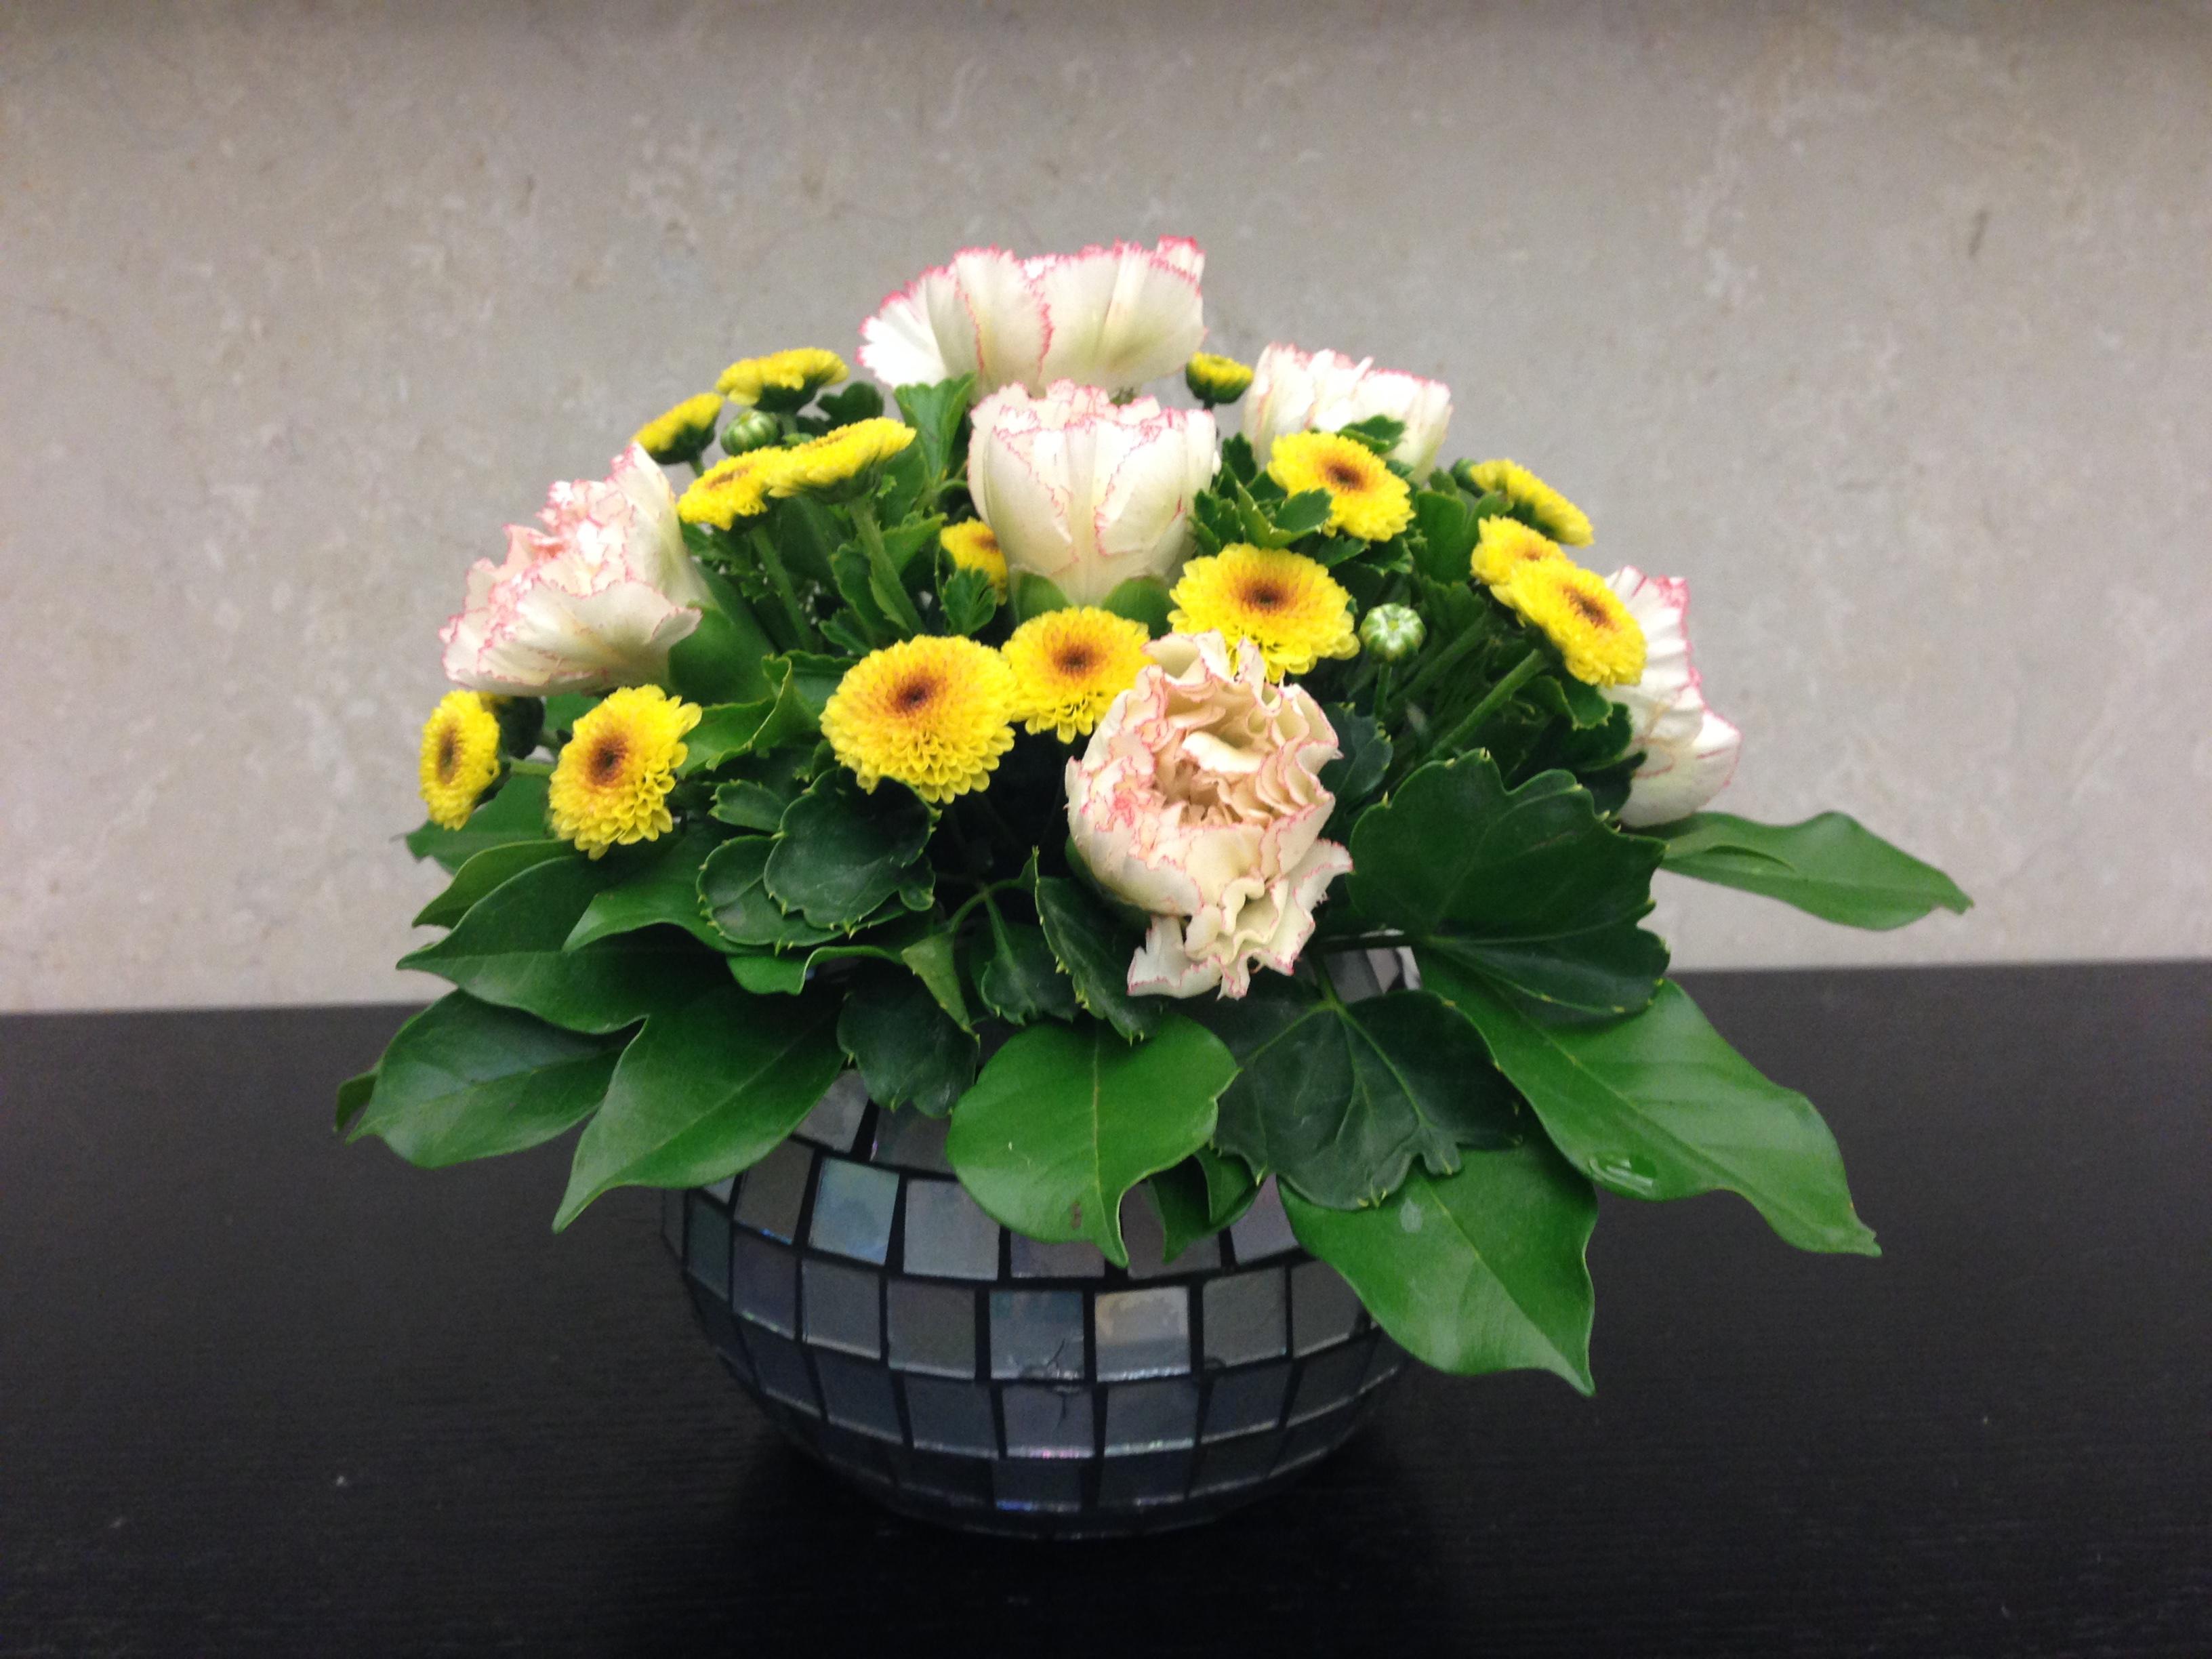 Hướng dẫn cách cắm hoa cúc đẹp nhỏ nhắn xinh xắn hình 10